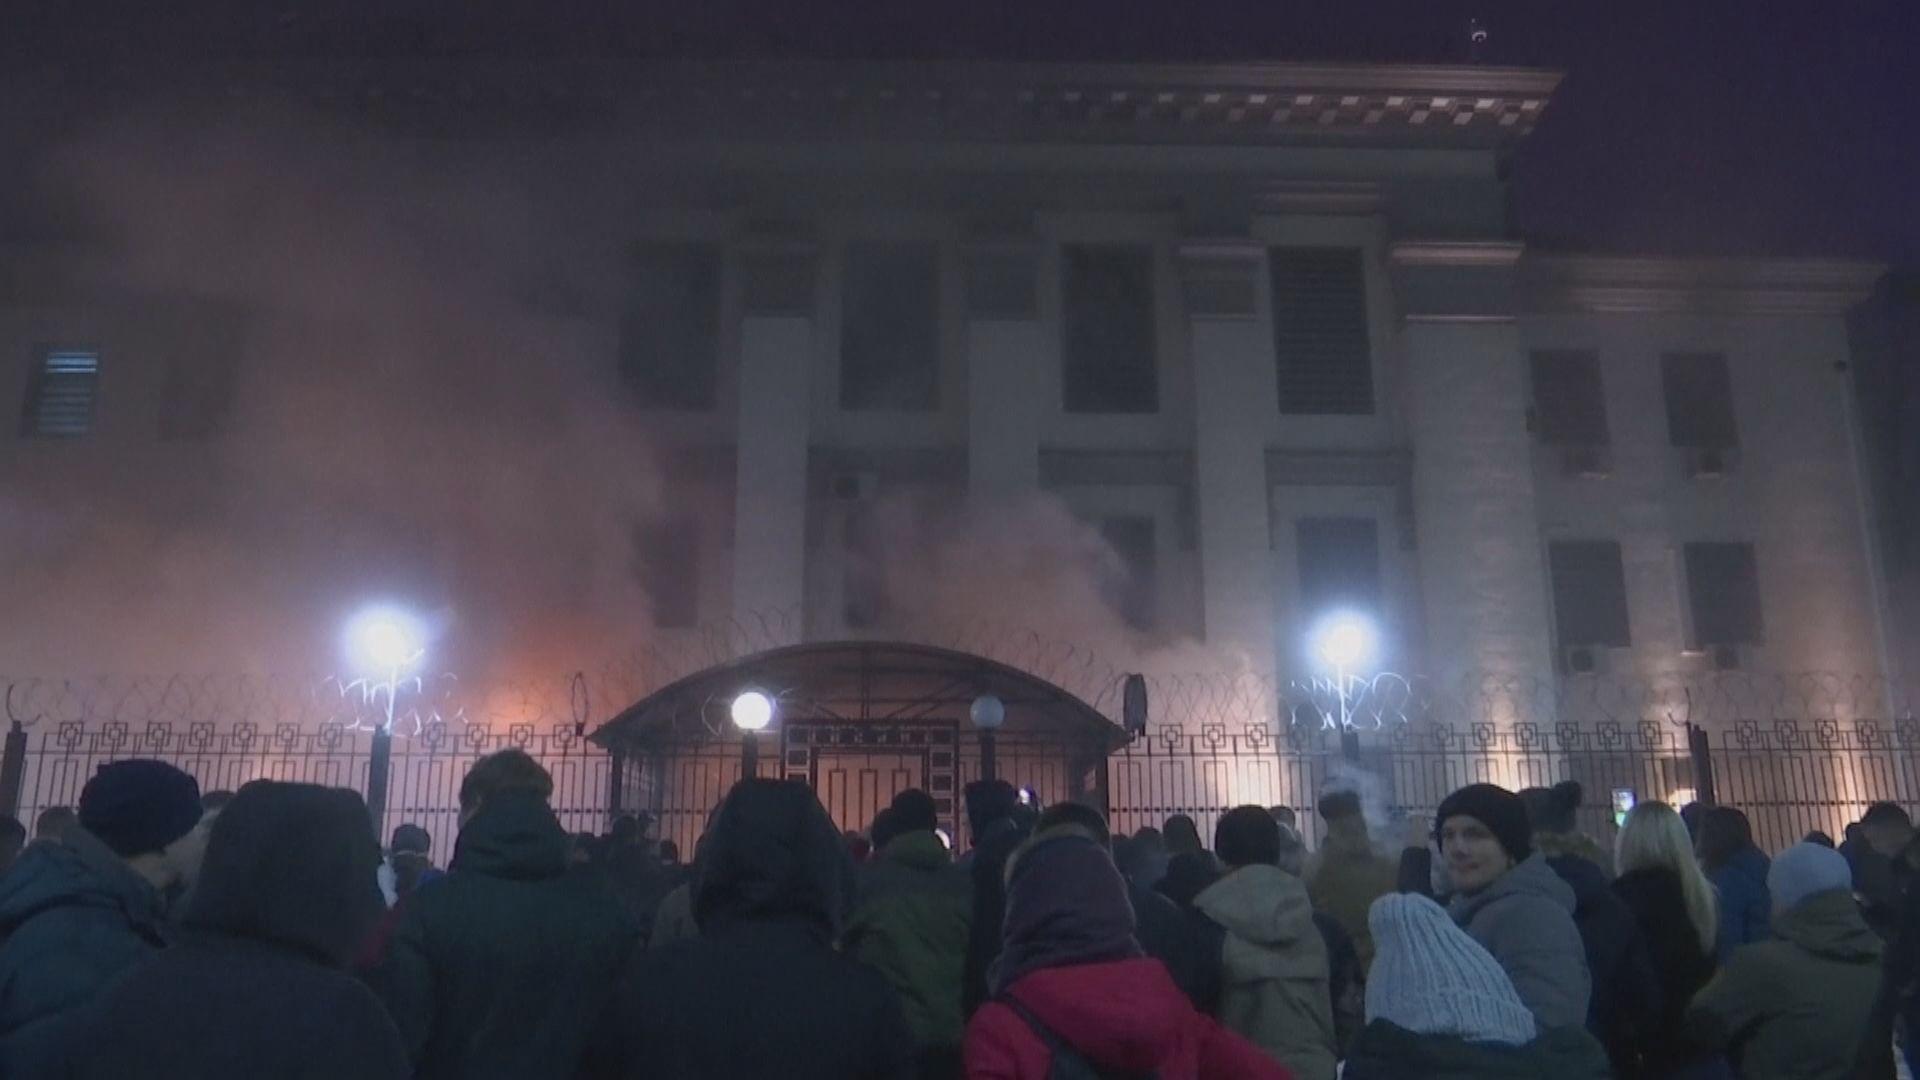 烏克蘭首都有數十人於俄羅斯大使館外示威